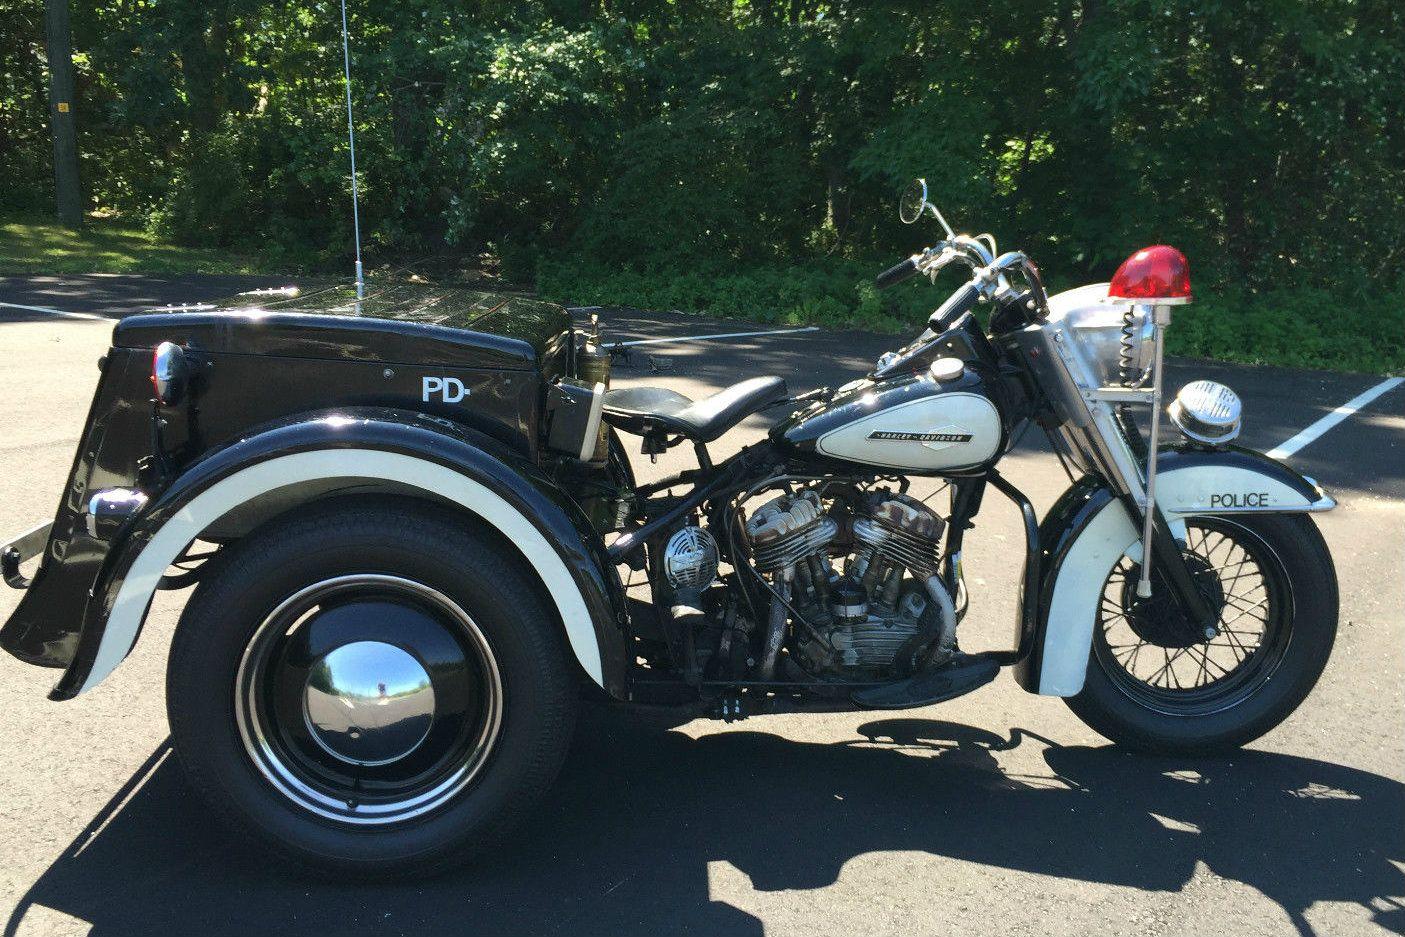 1963 Harley Davidson Police Trike Survivor Harley